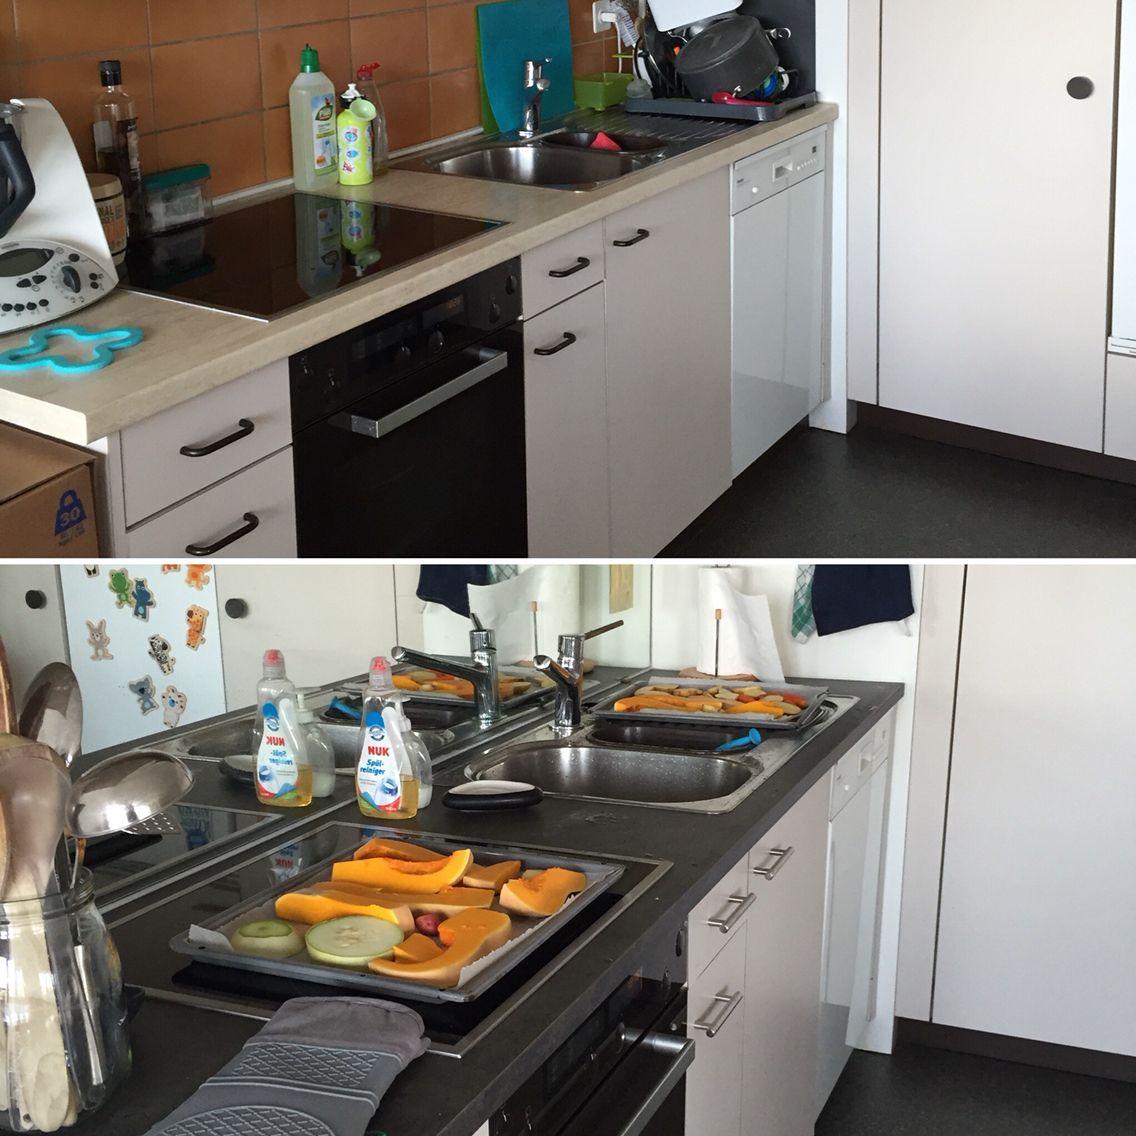 Kitchen Kuche Cuisine Vorher Nachher Arbeitsplatte Ikea Spiegel Obi Griffe Jumbo Kuche Pimpen Kuche Lebensmittel Einkaufen